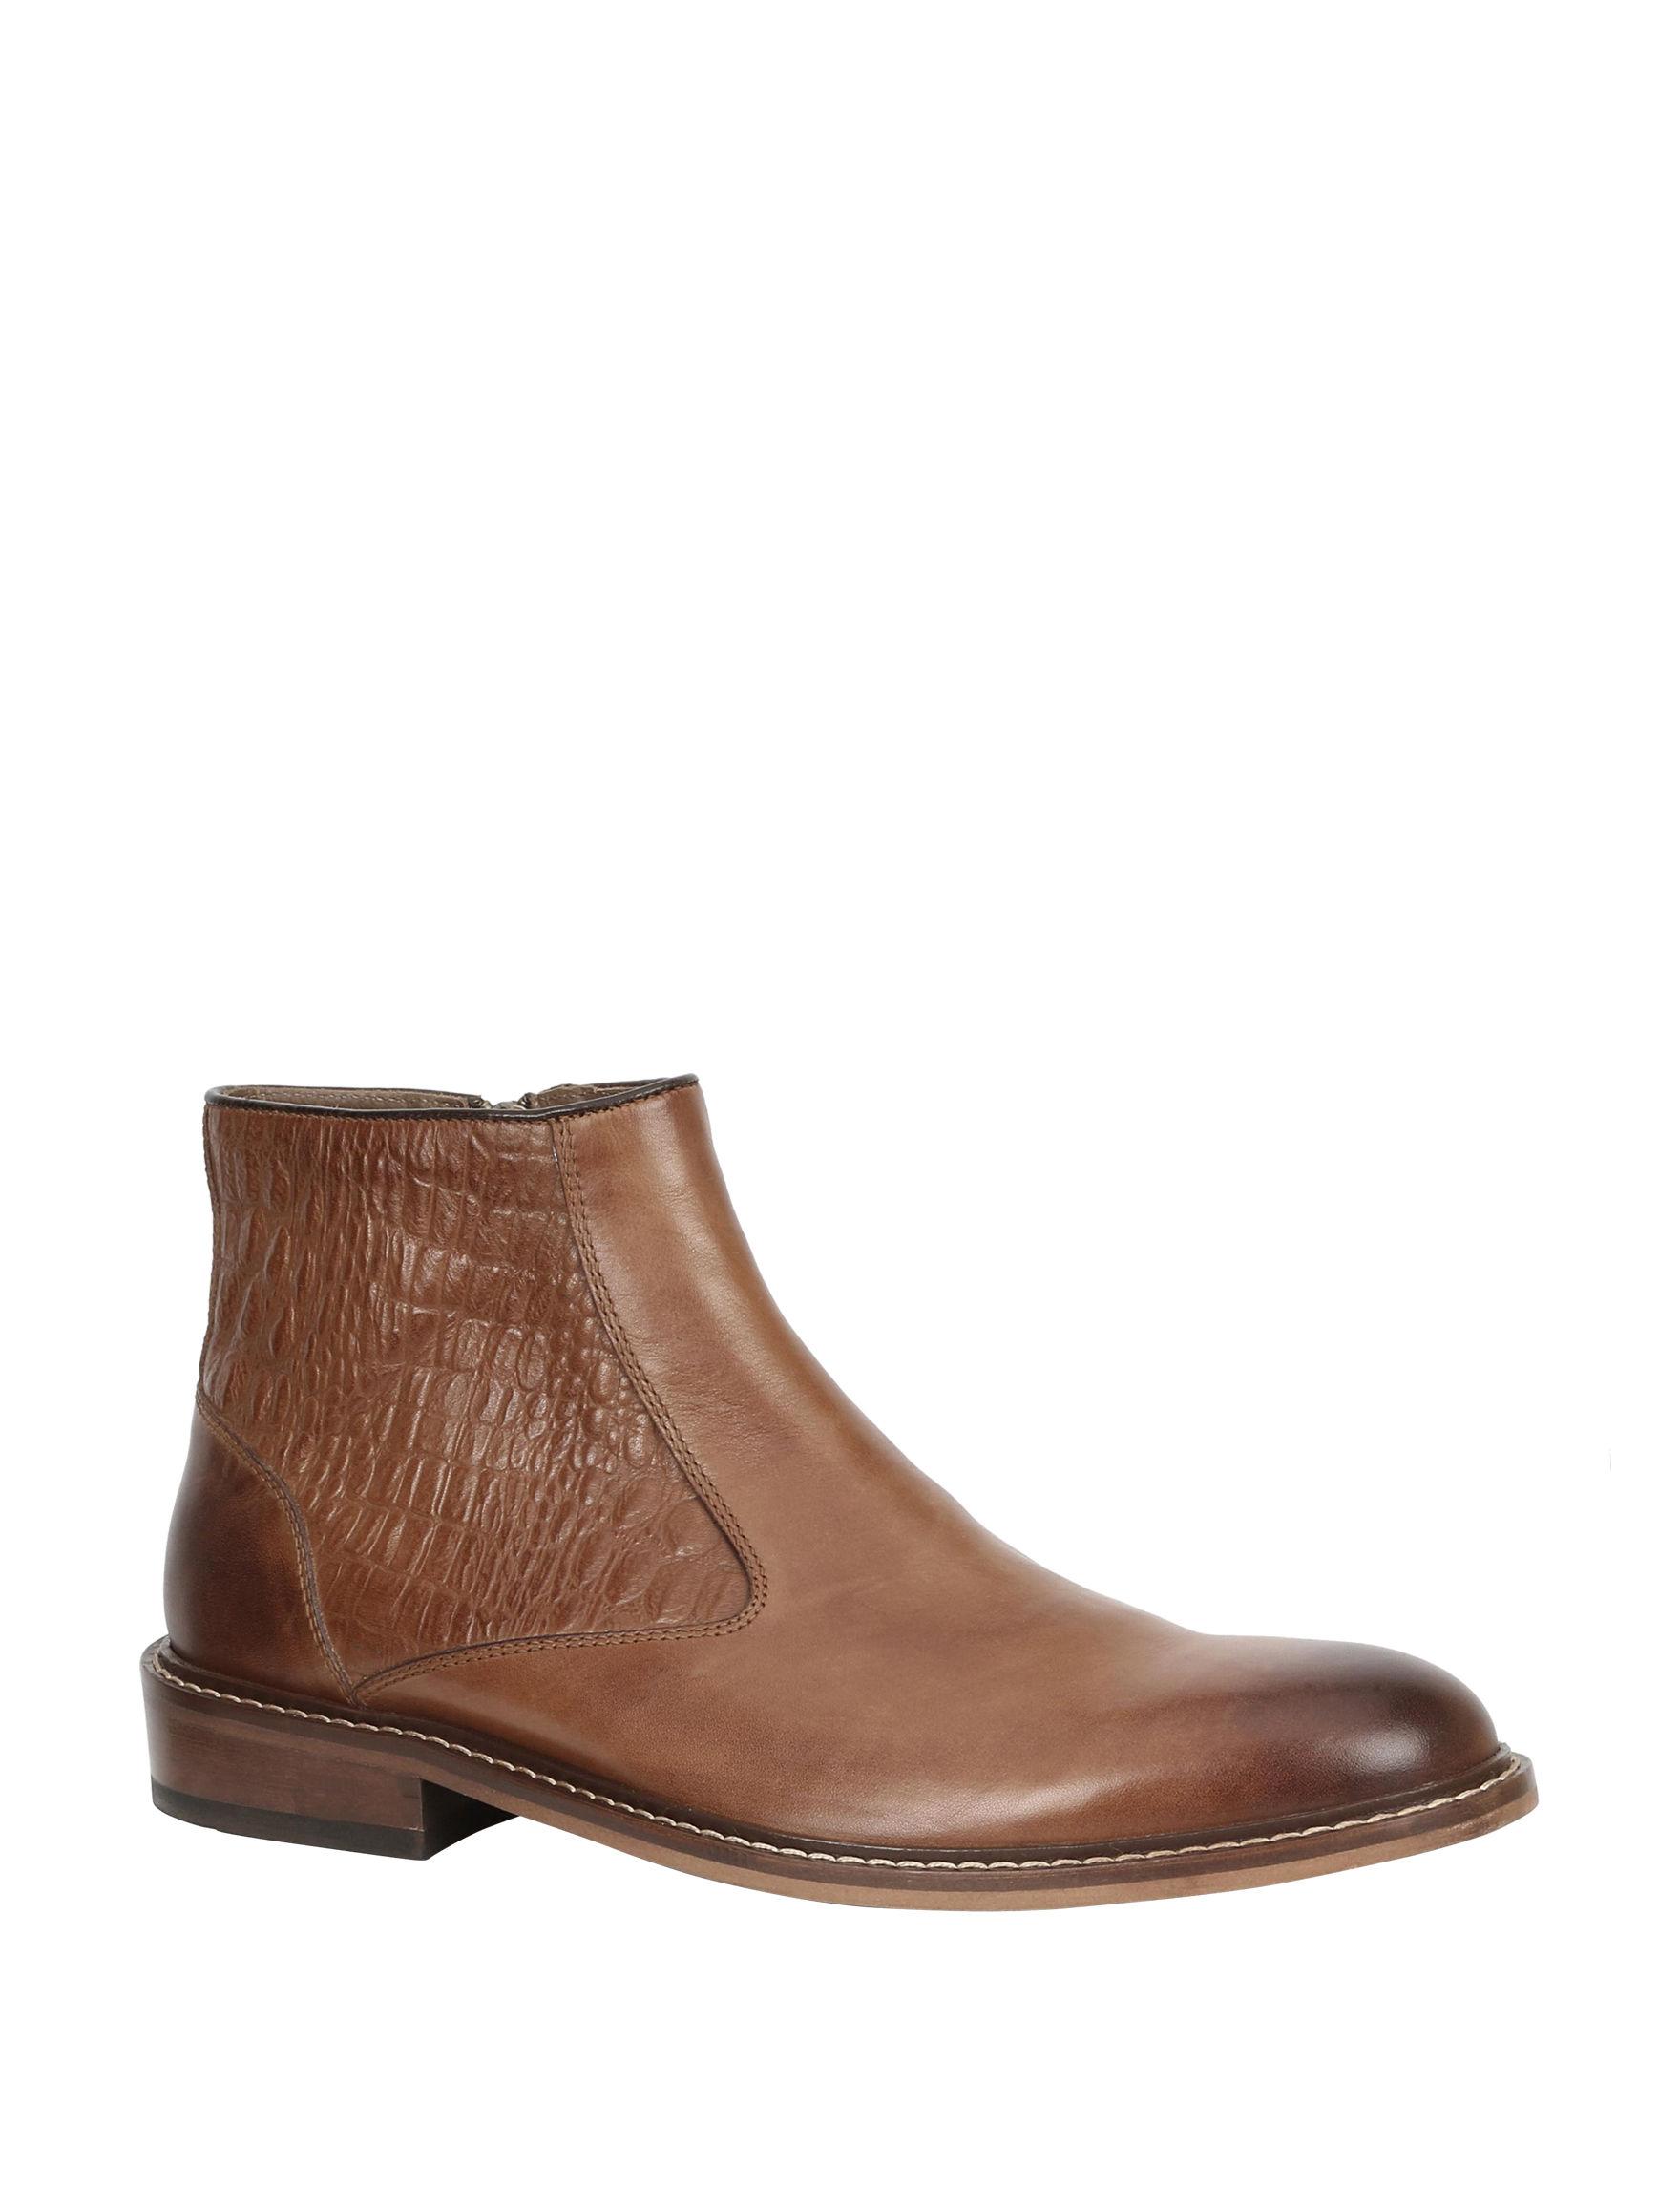 Giorgio Brutini Cognac Winter Boots